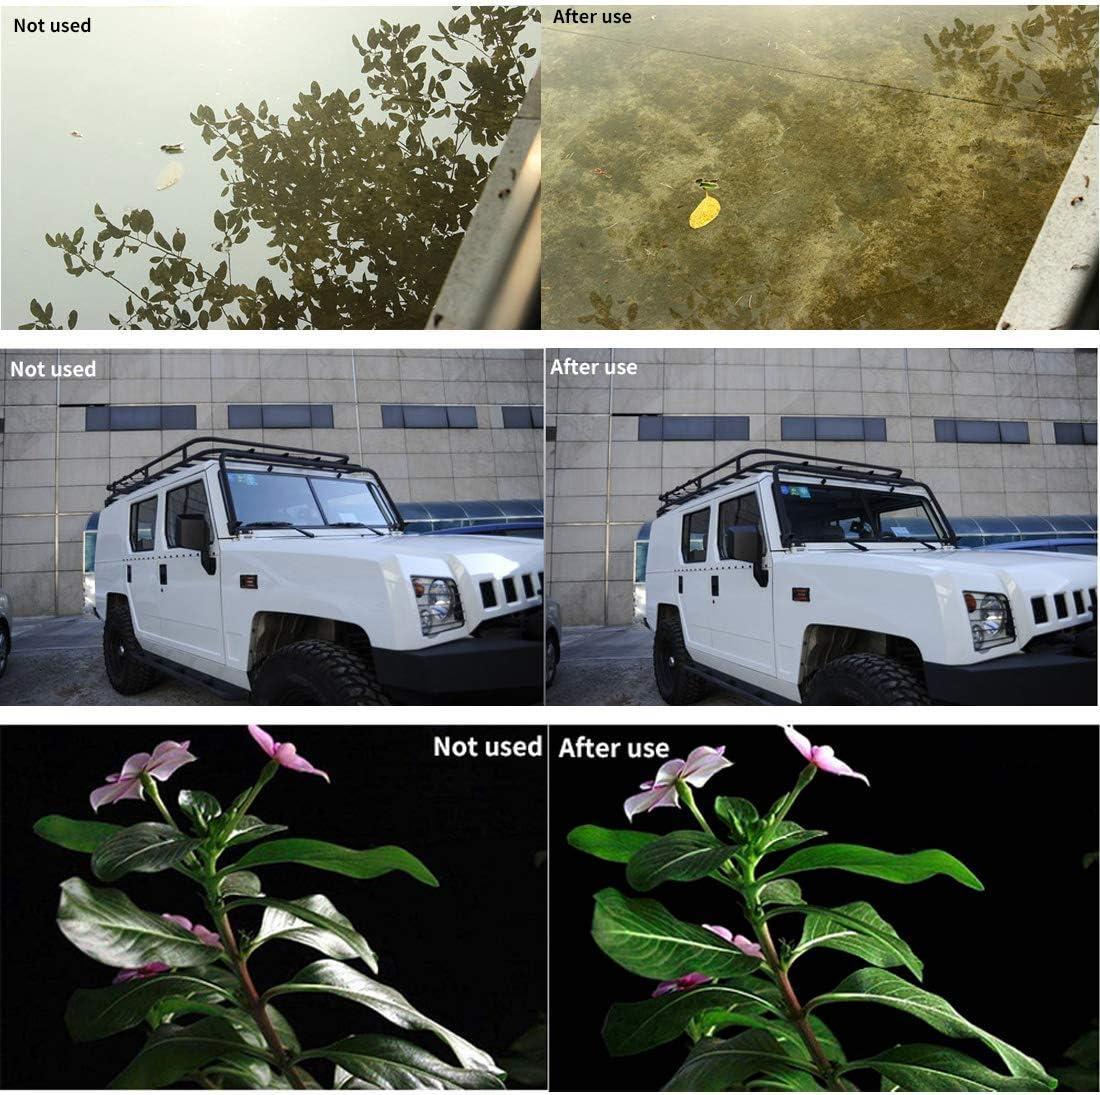 ND2 Wyanlin 4 in 1 HD Drone Star Effect CPL Lens Filter Kits for DJI Phantom 4 Pro Wyanlin ND4